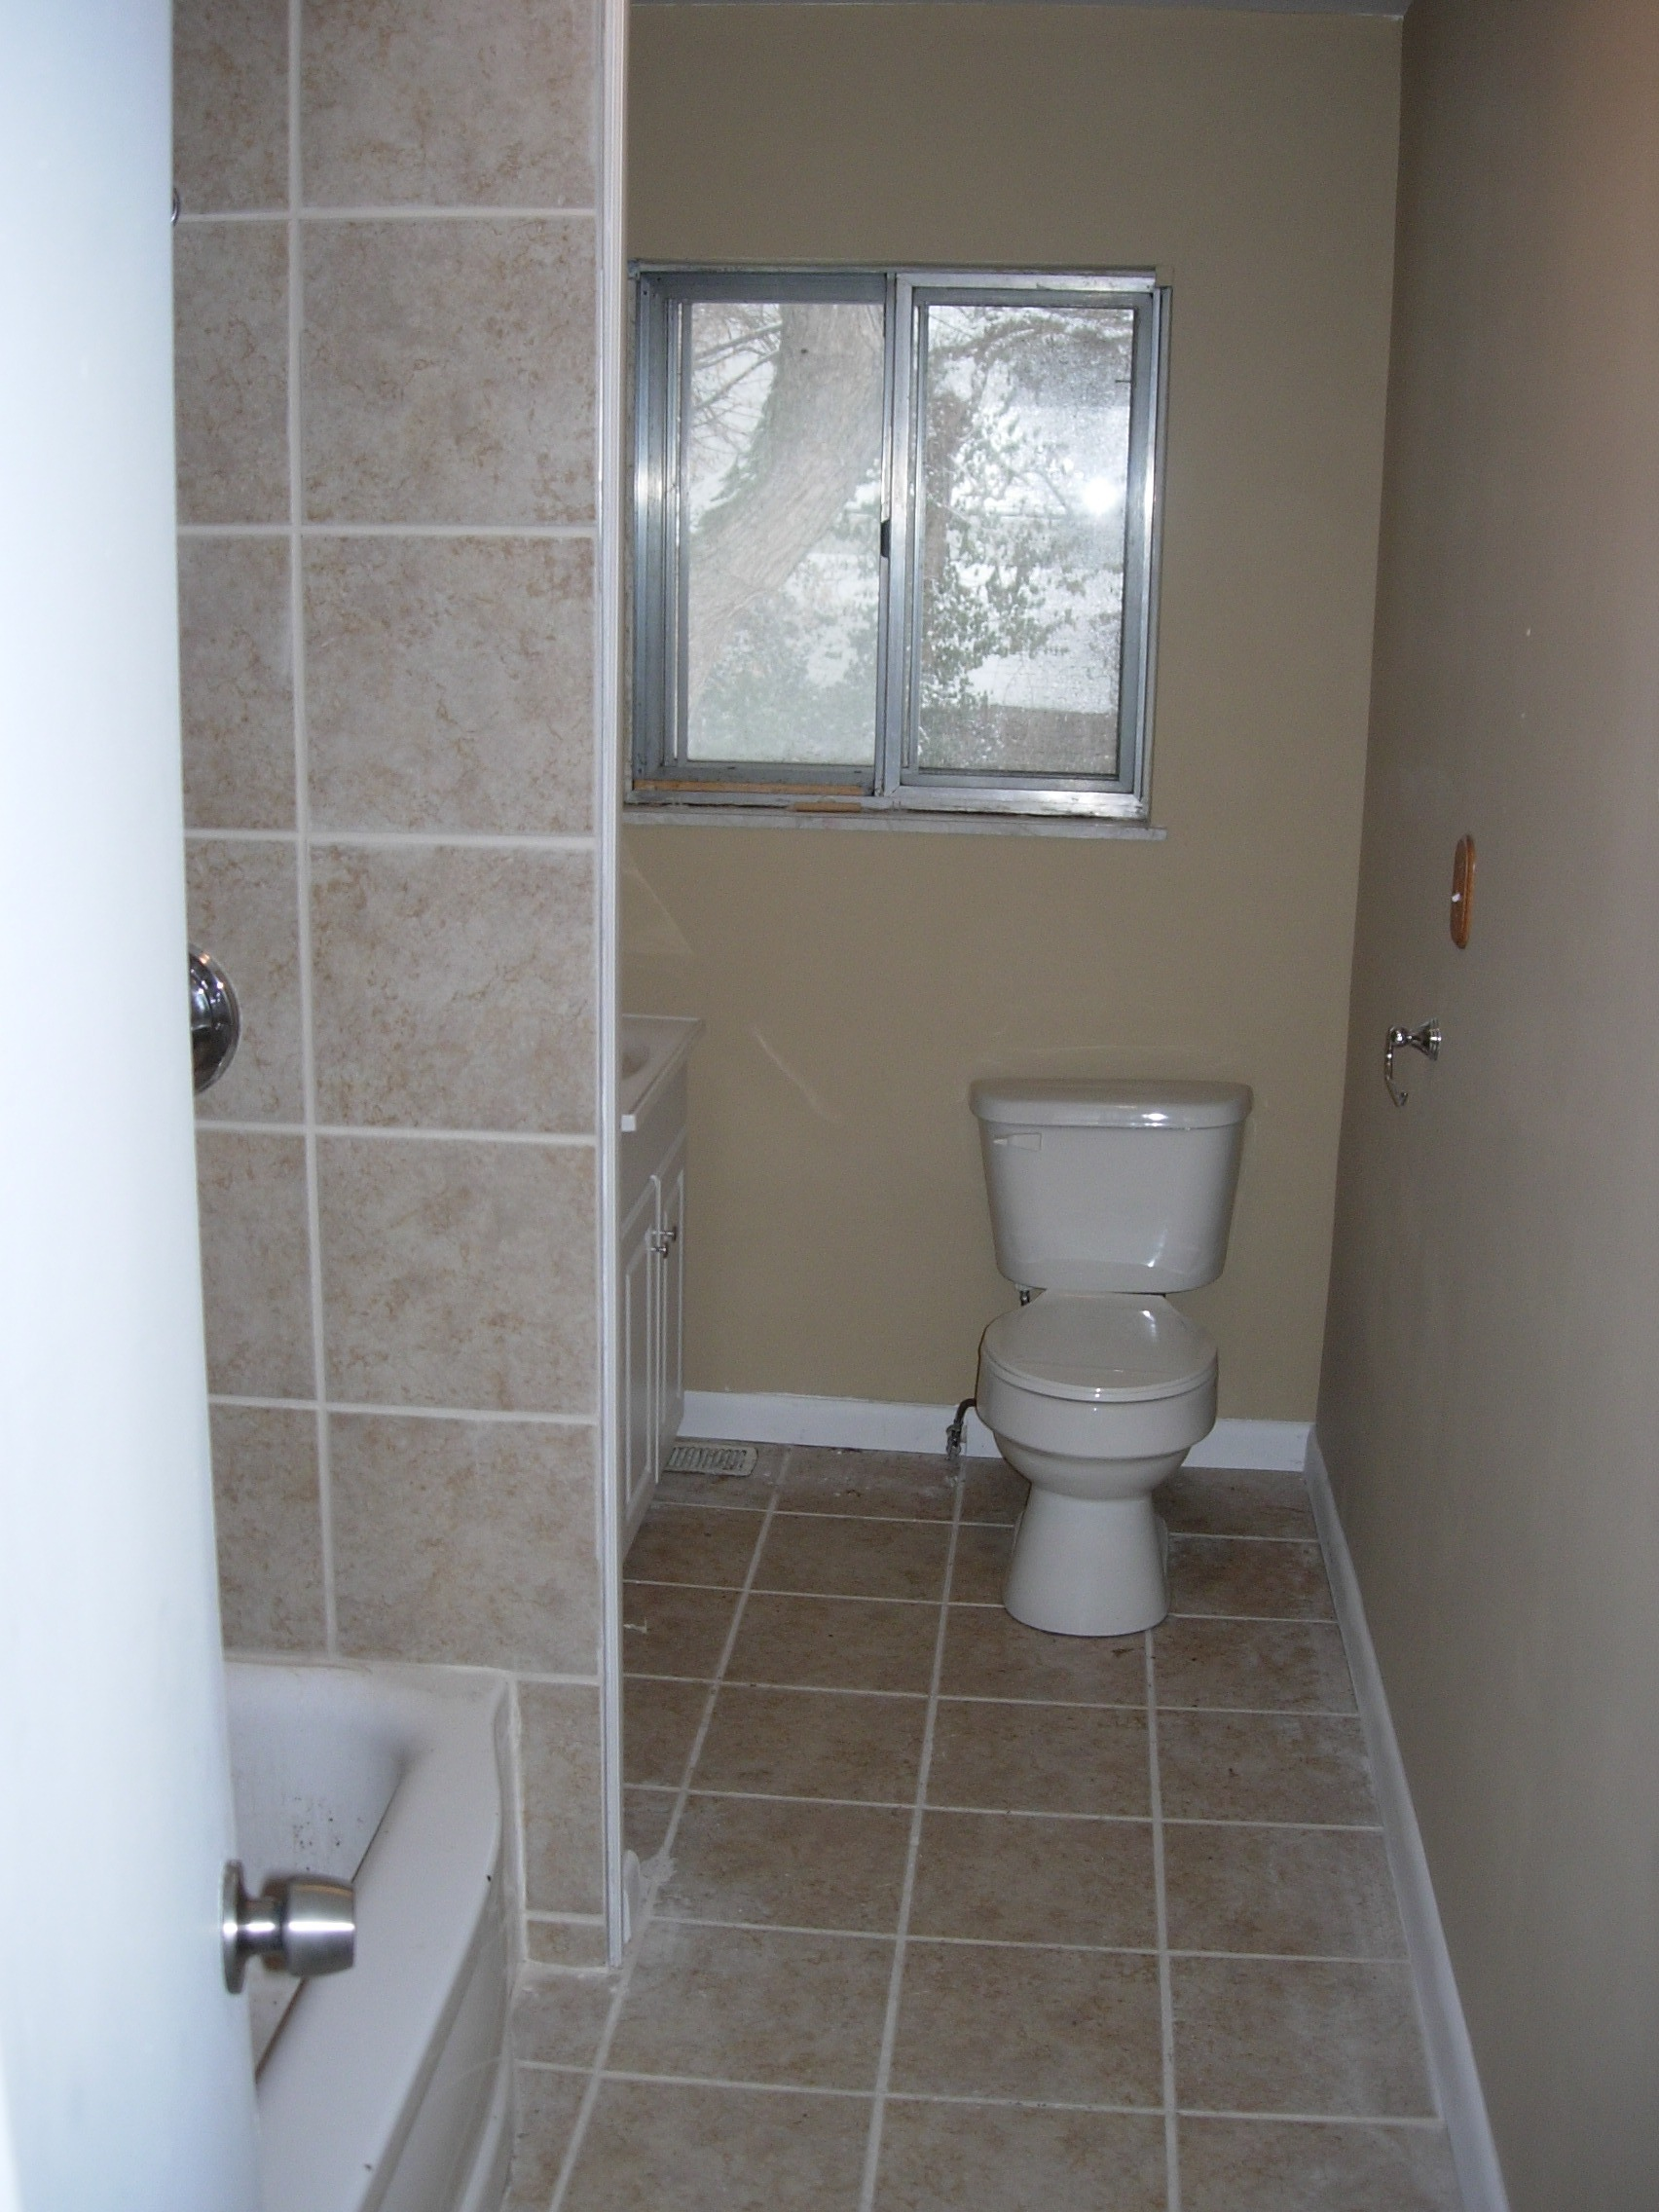 Bathroom Lights Norwich 3207 norwich lane